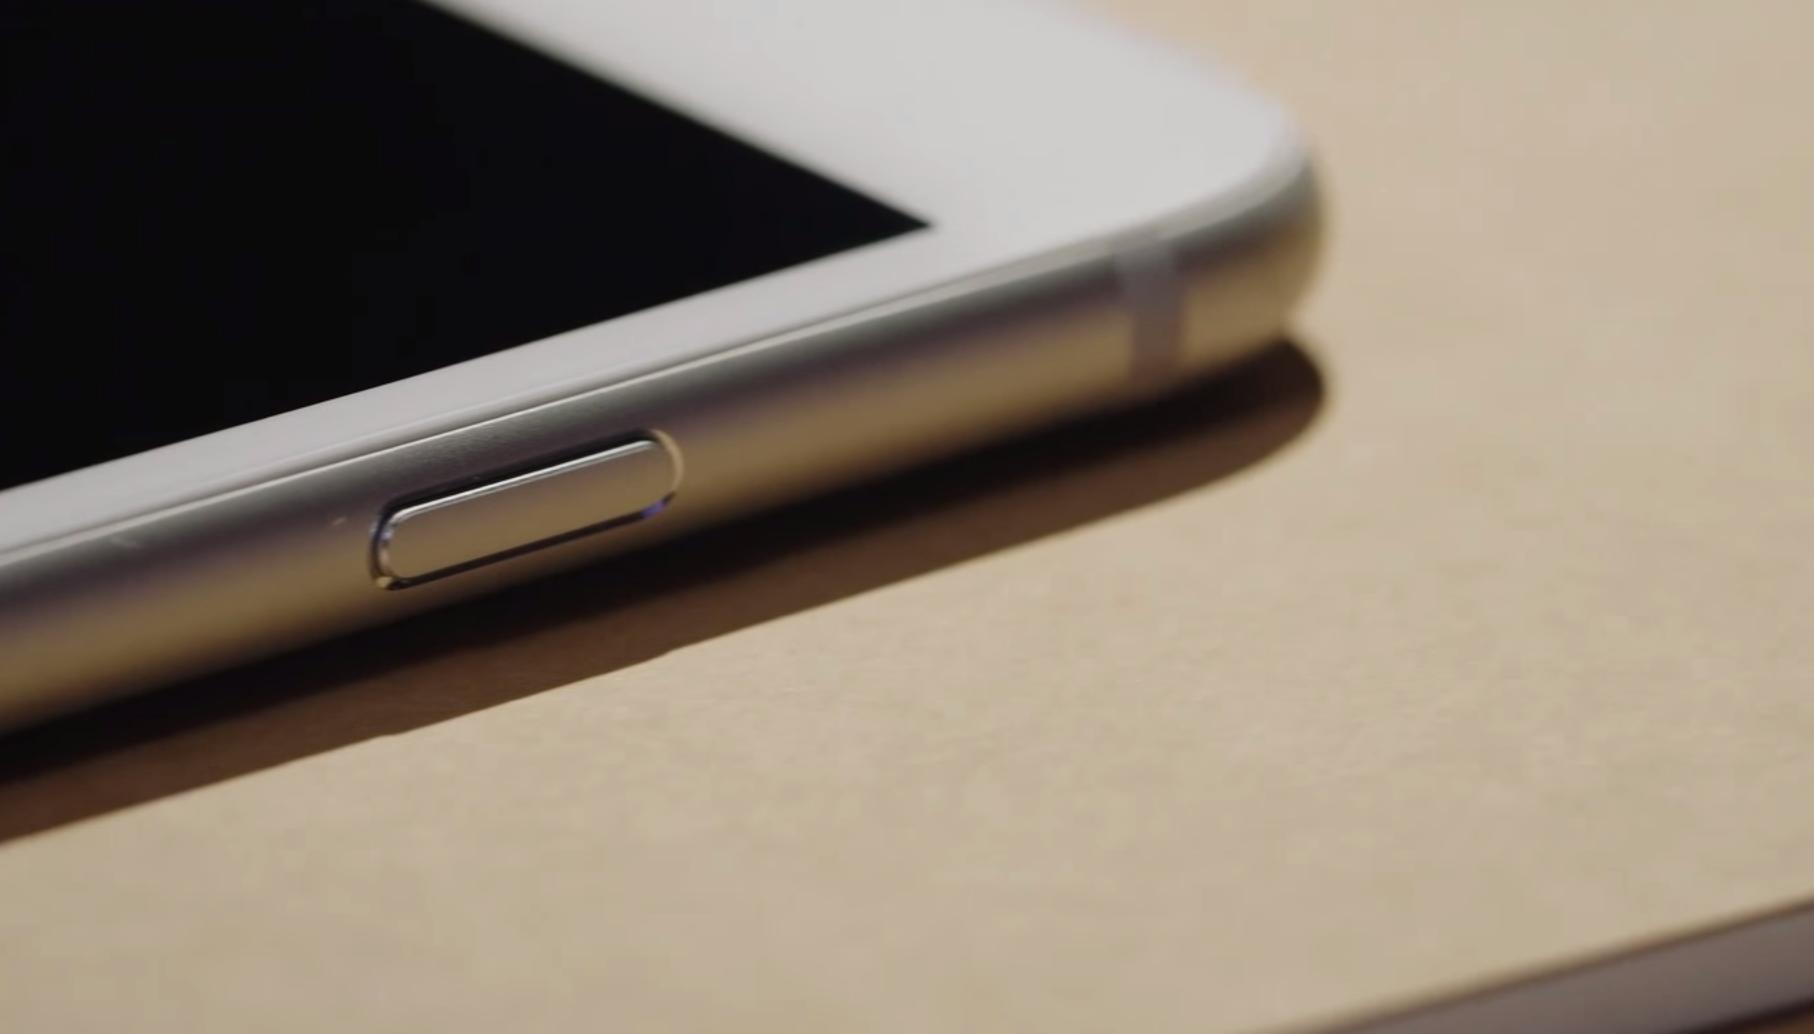 Кто не заметил: в новых iPhone кнопка блокировки сбоку